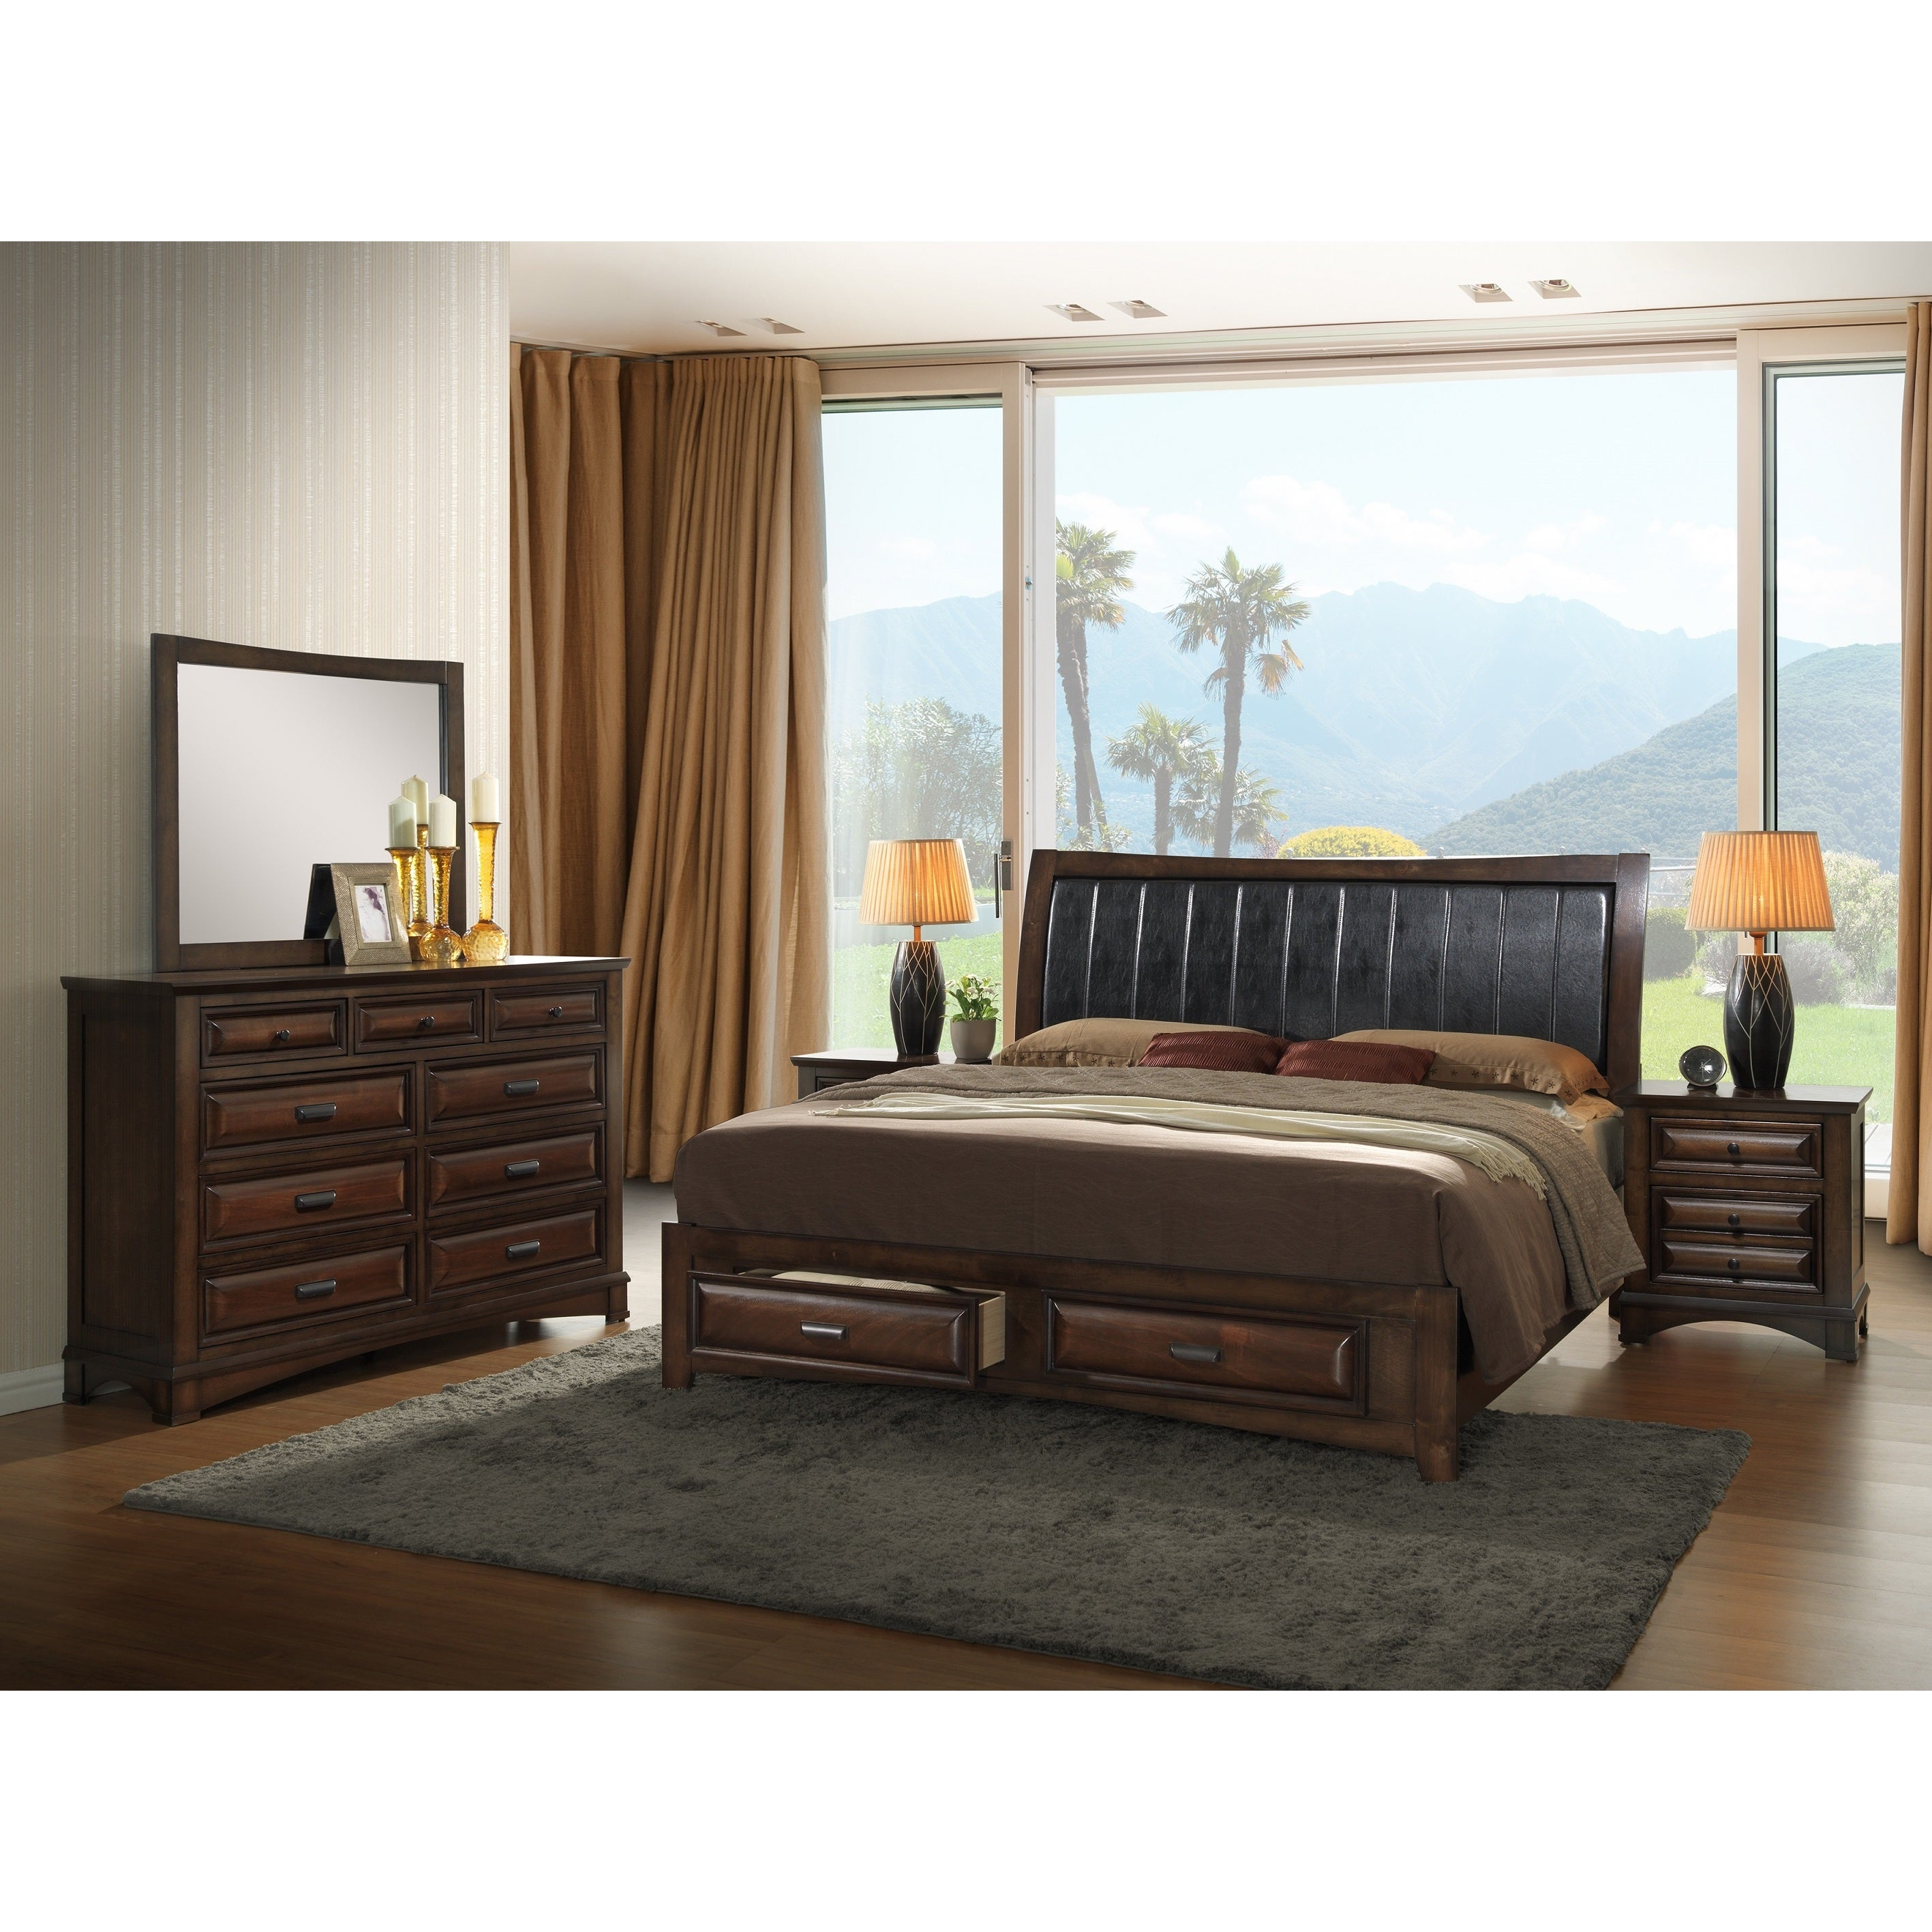 Shop Broval Light Espresso Wood King Size Storage Bedroom Set